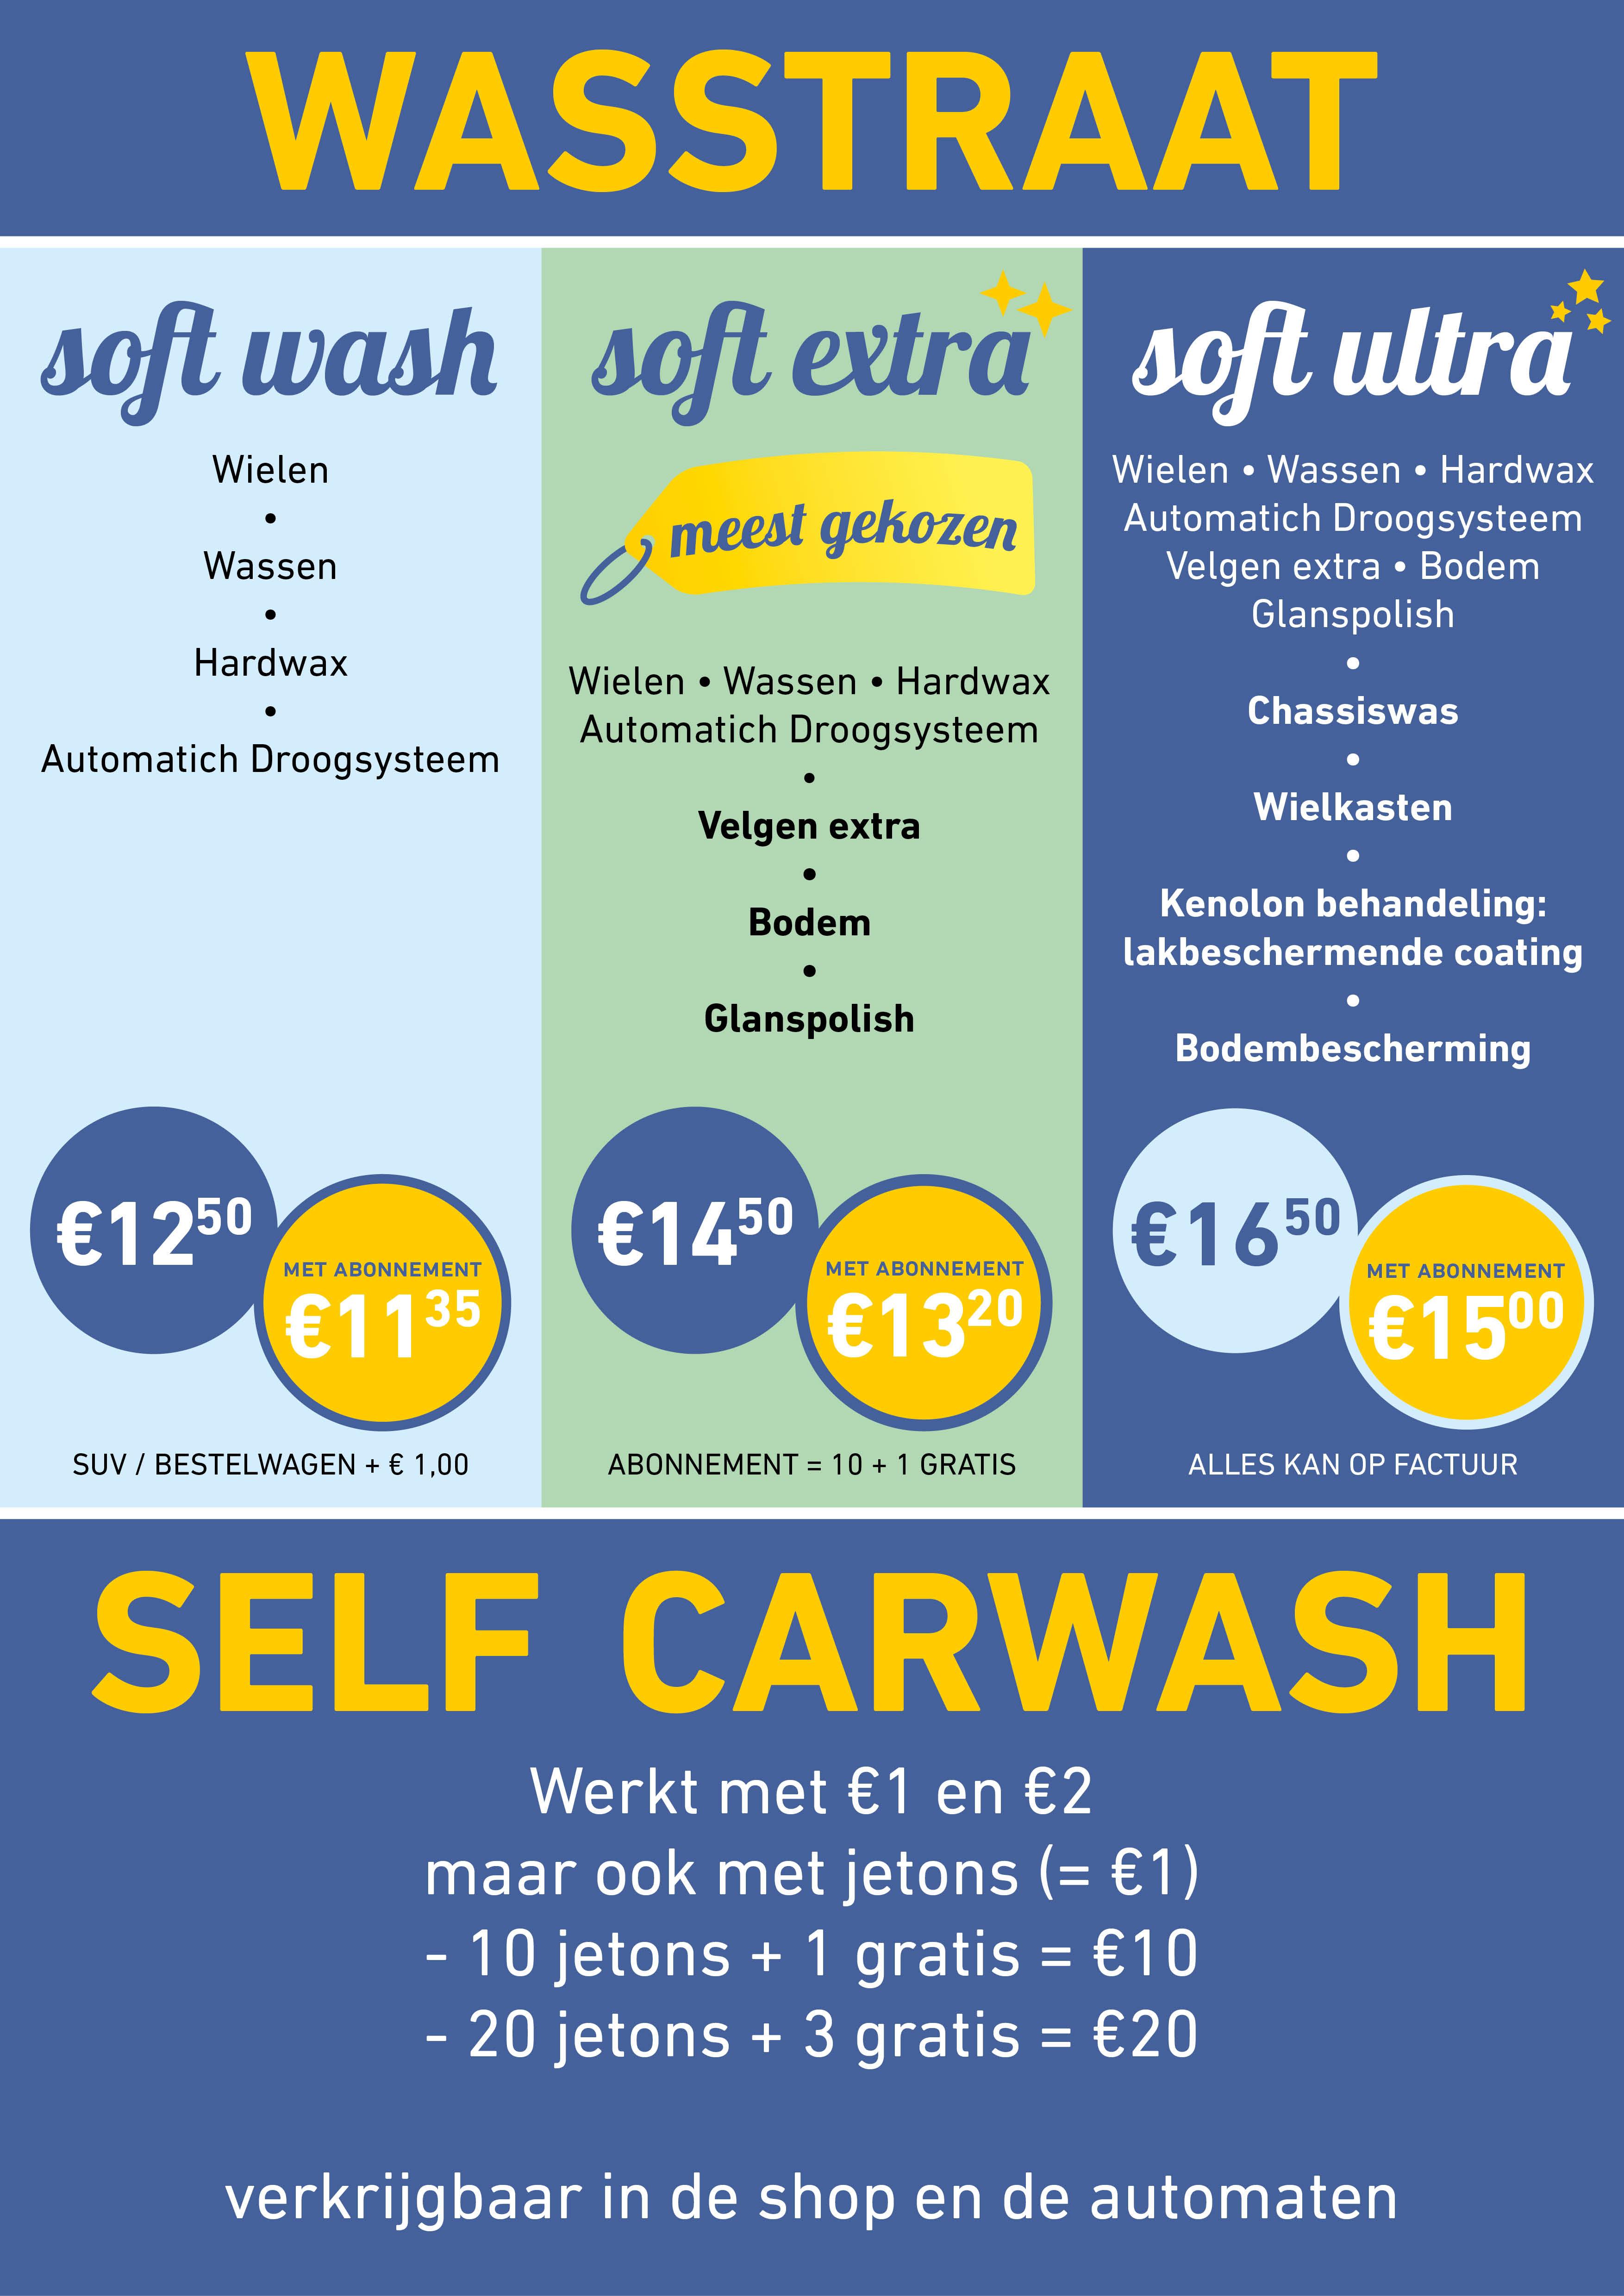 Selfcarwash